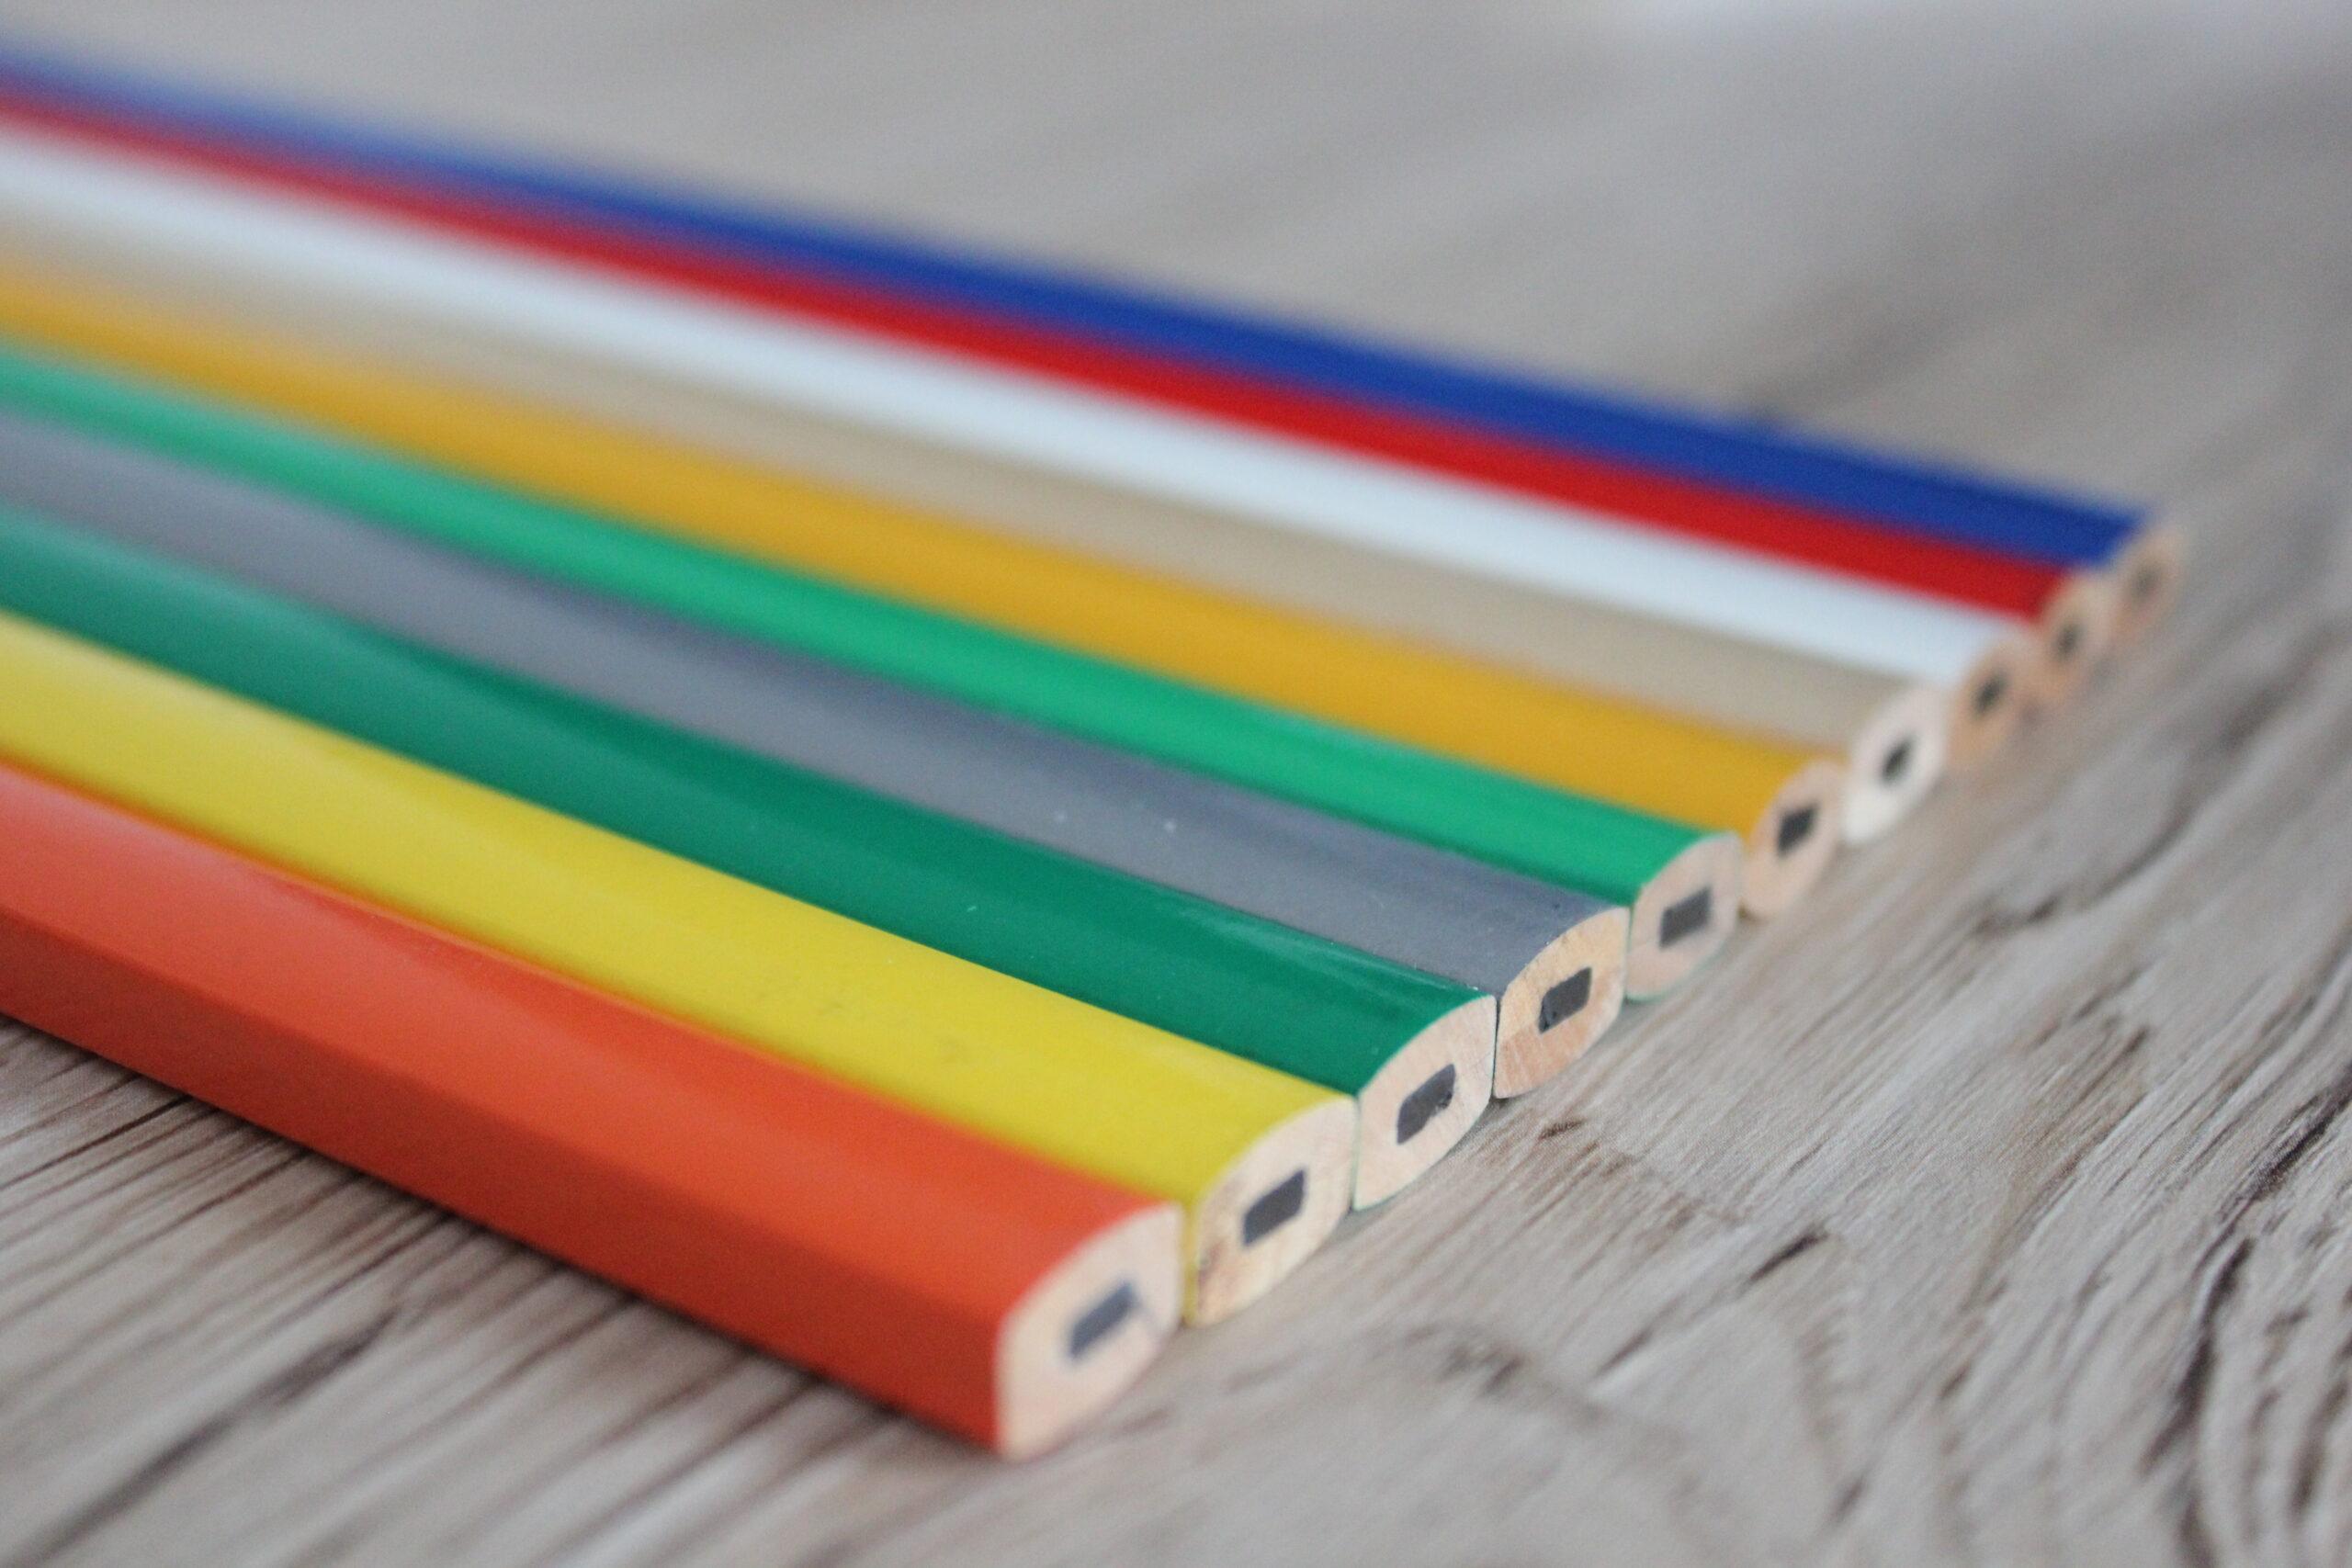 Der universelle Baustift fürs Handwerk - günstig und in vielen gängigen Farben